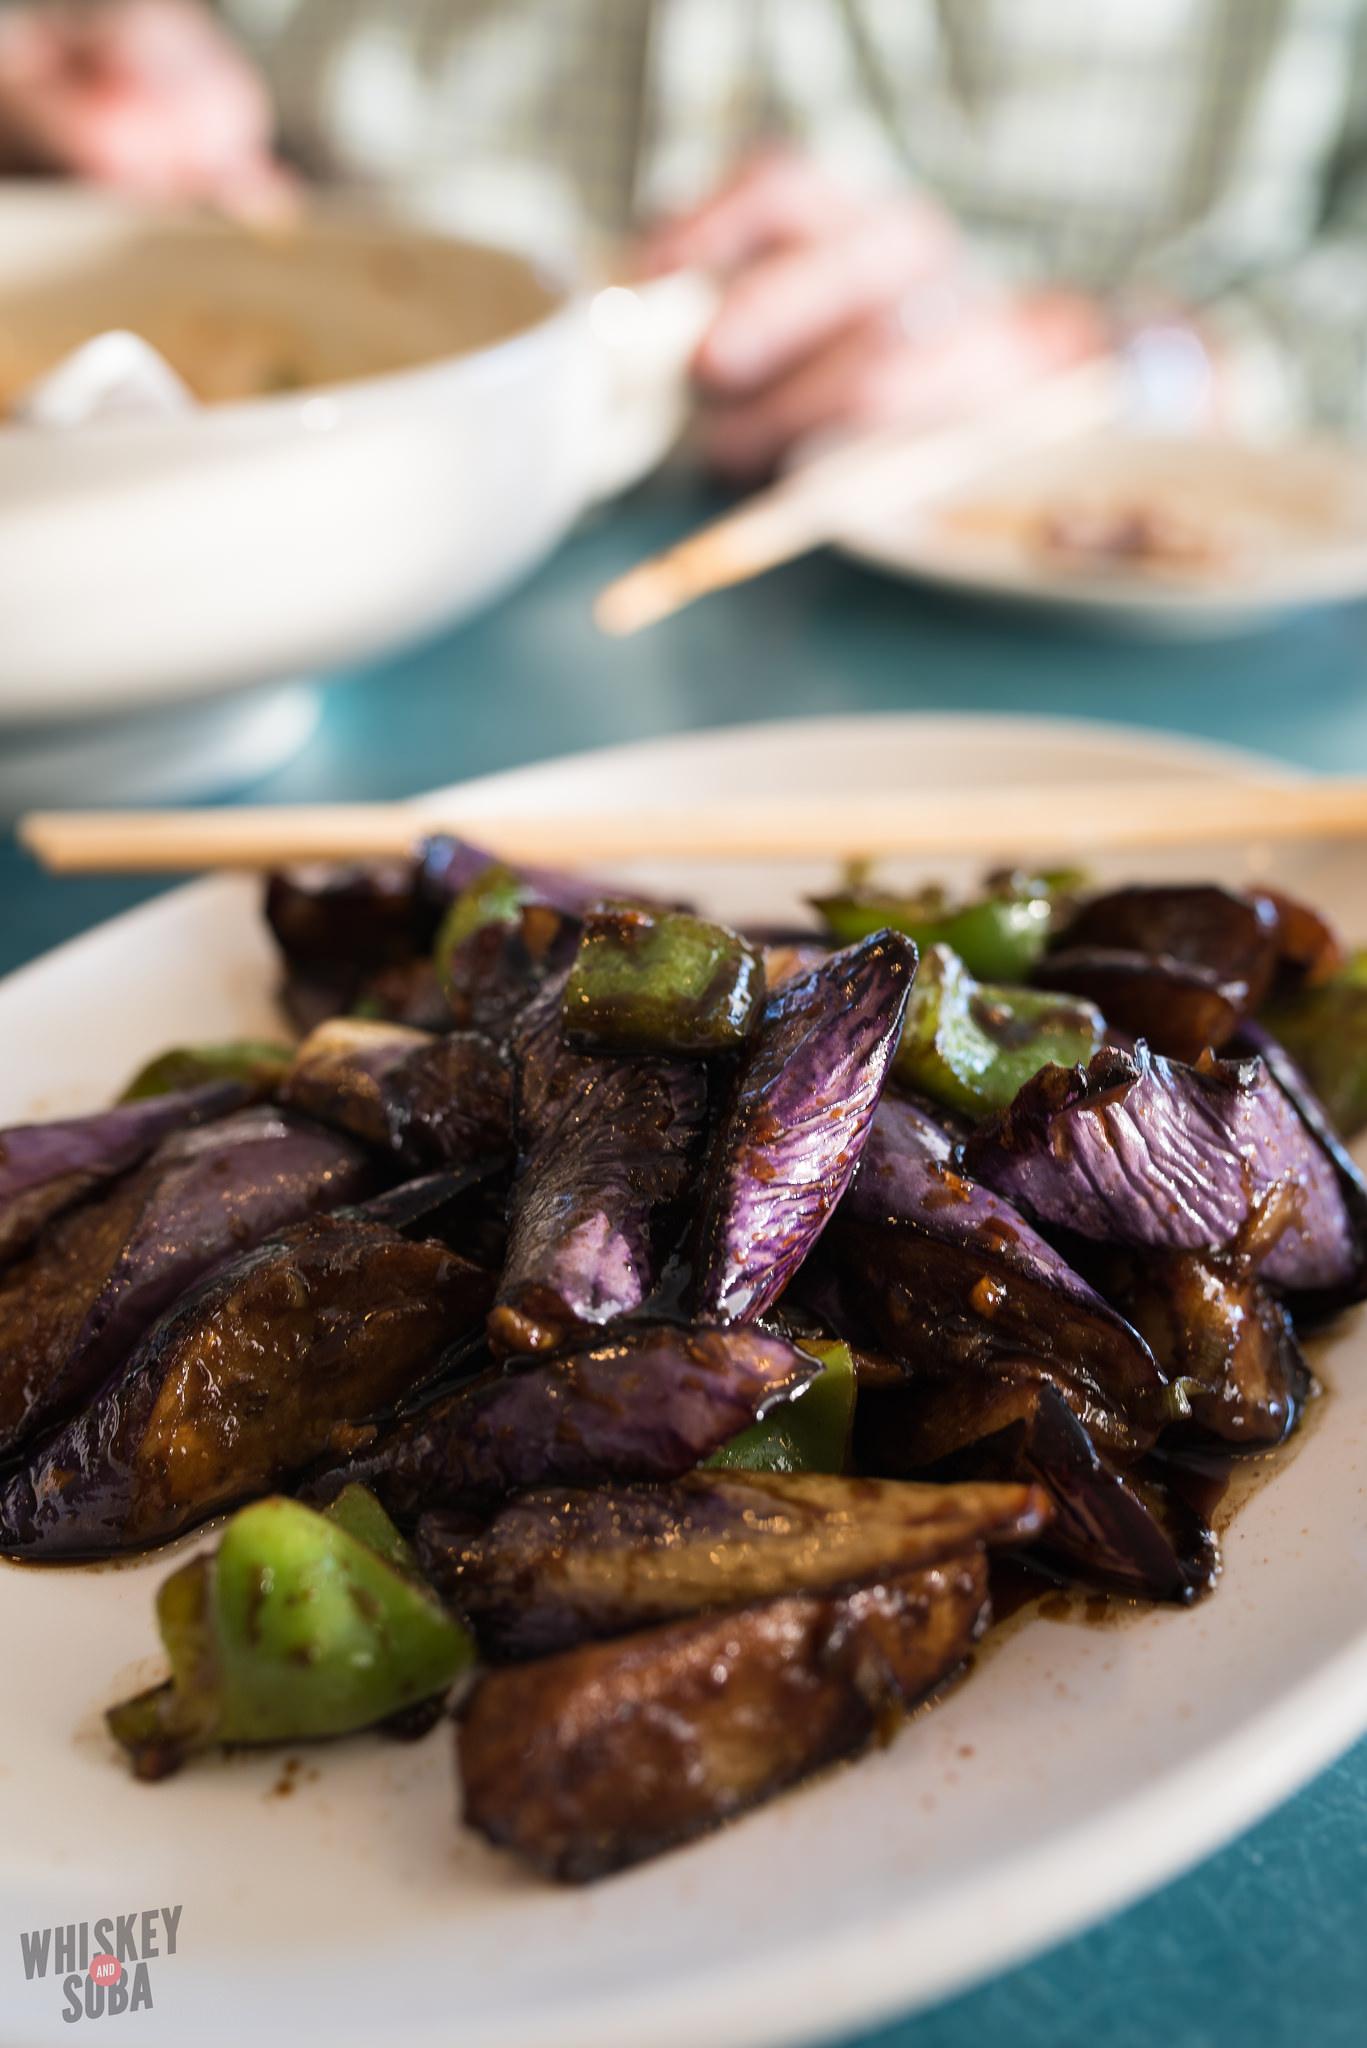 Eggplant at Jia Xiang